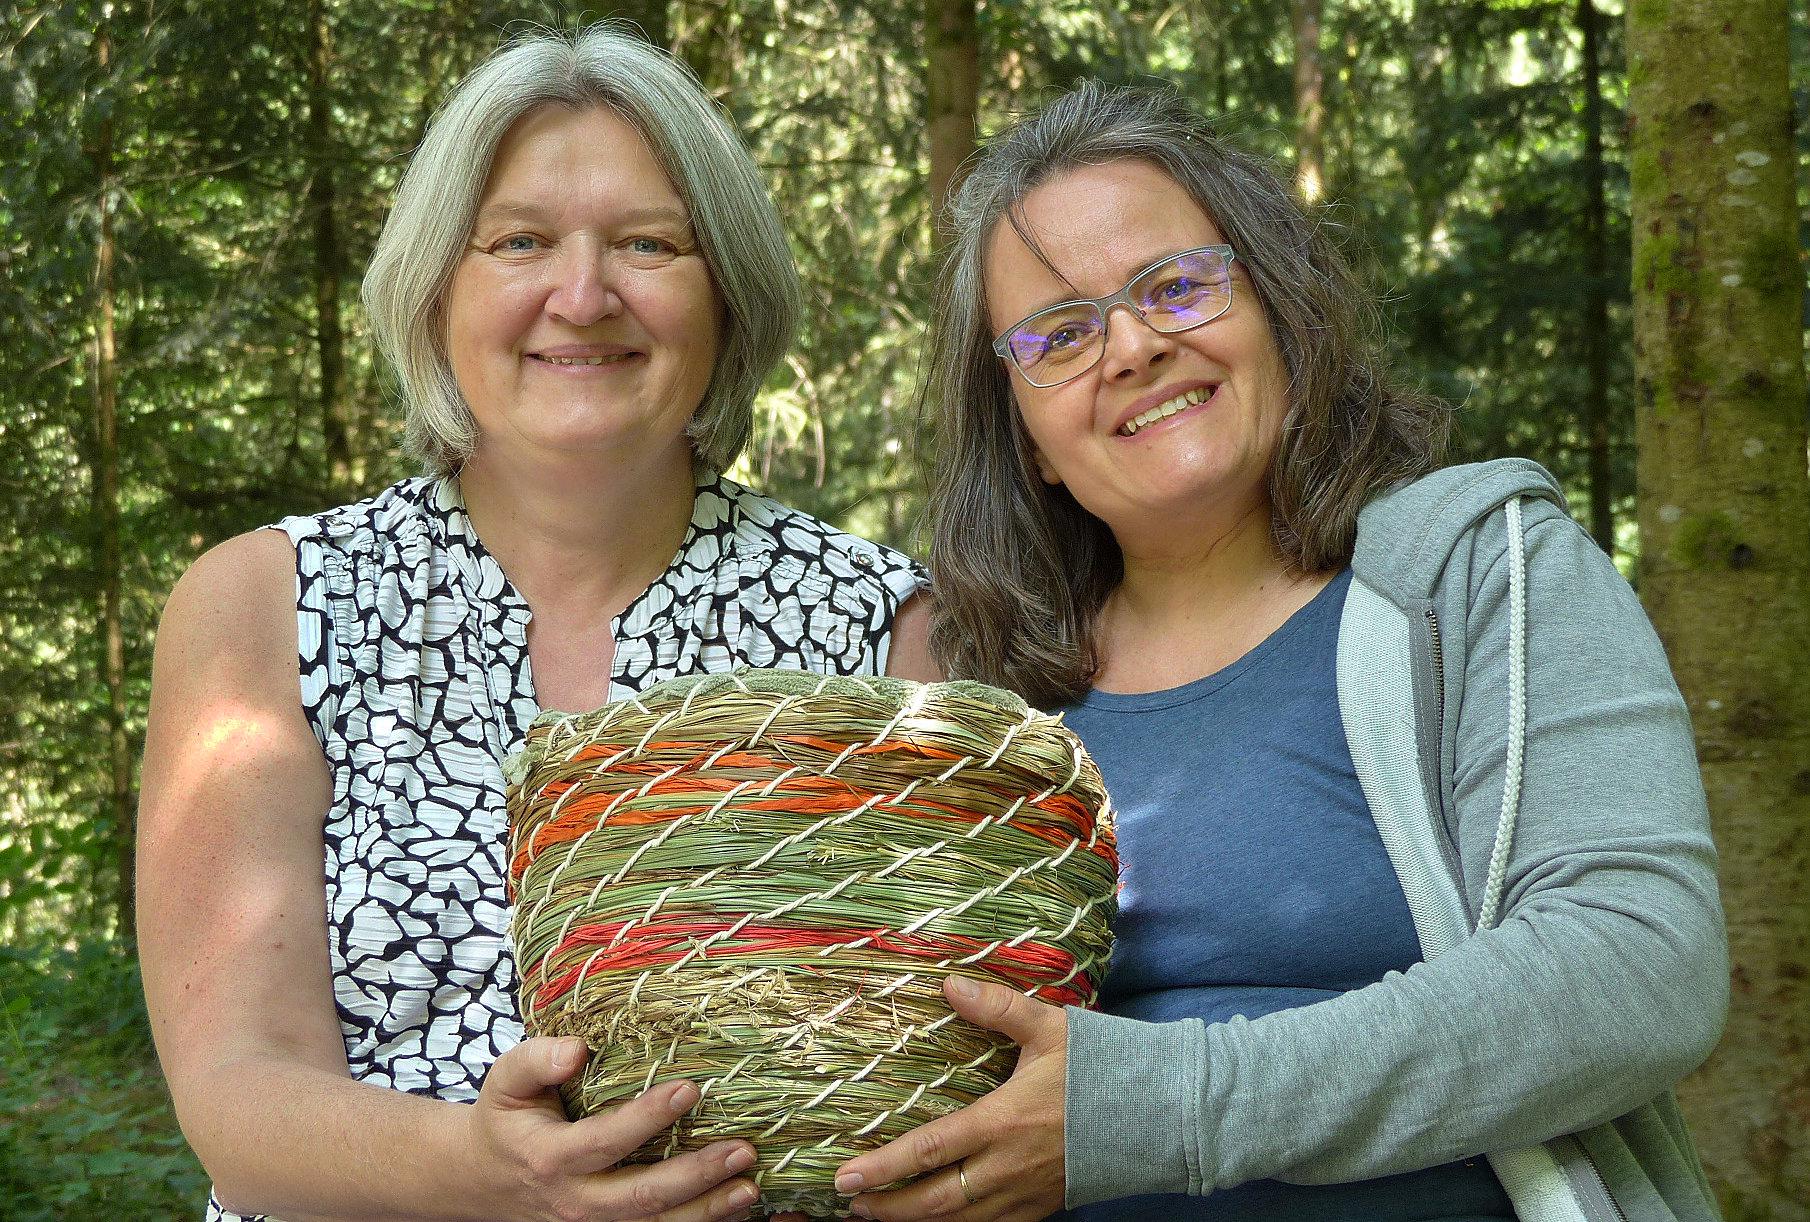 Das Graskorb Projekt wird von Maria Bader und Nadja Hillgruber unter dem Dach vom Feuervogel geleitet.